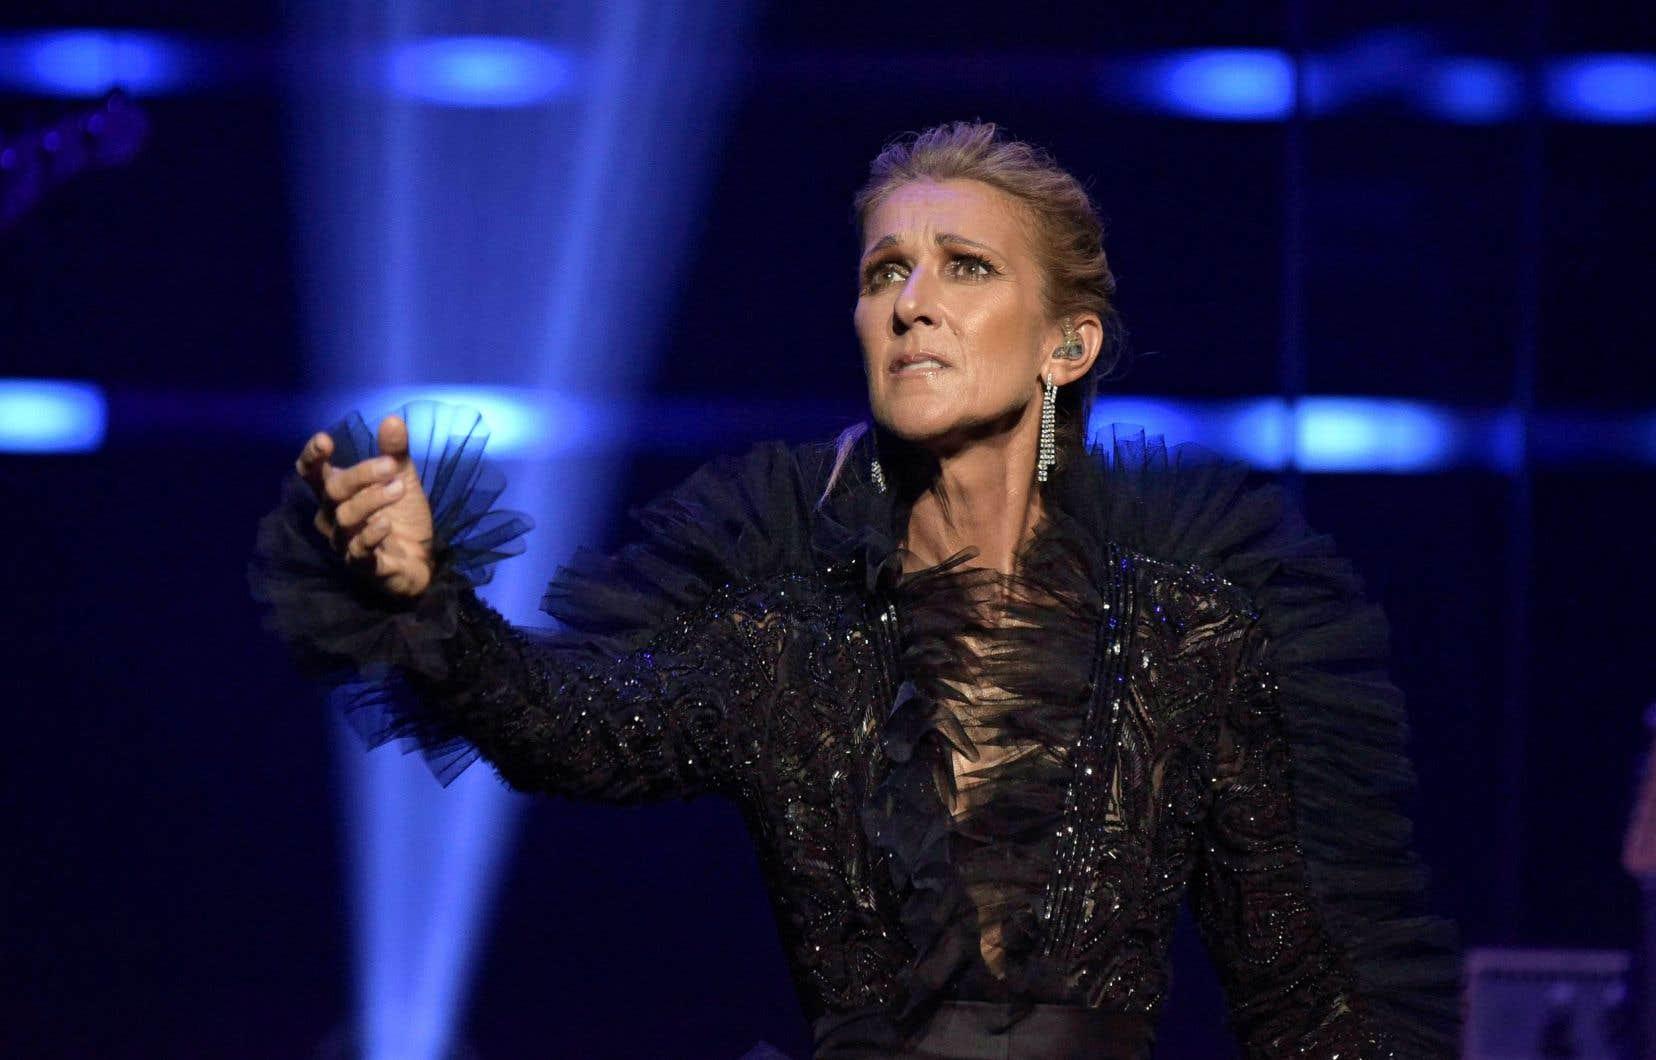 «J'ai 51 ans, pis depuis trois ans, j'ai pris ma vie en charge, pour montrer à mes enfants que, dans la vie, être indépendant, c'est important», confie Céline Dion.